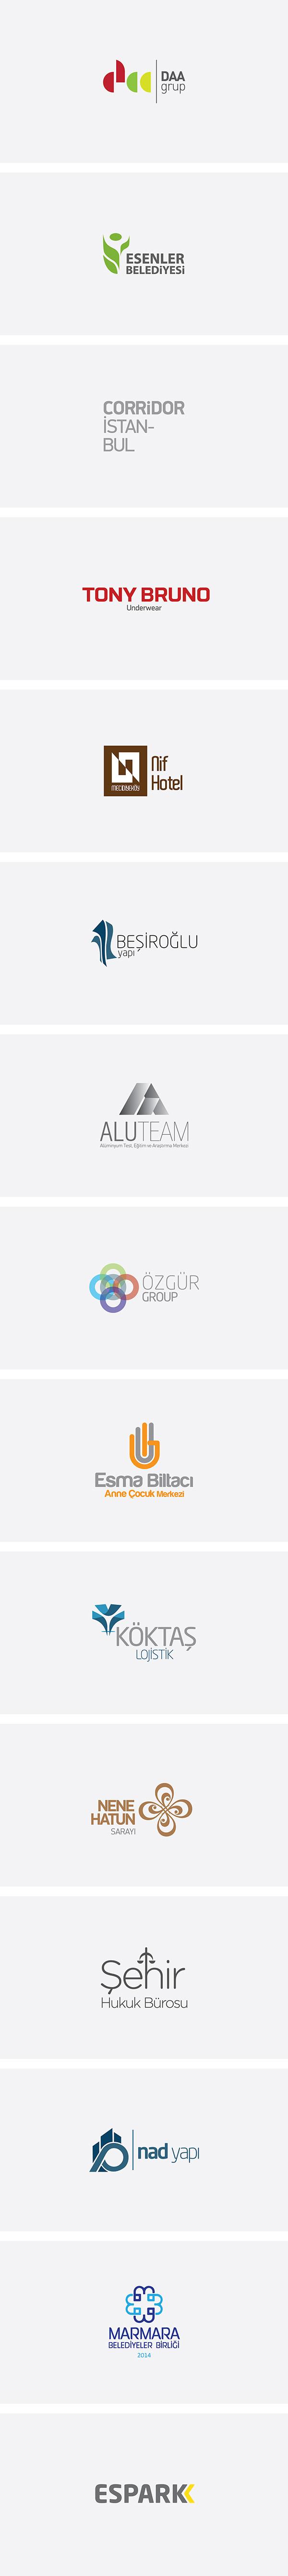 logo tasarım firmaları, bursa logo tasarım firmaları, logo tasarım fiyatları, logo tasarım şirketleri, logo çalışması, Bursa logo tasarım, bursa logo tasarım yaptırmak, bursa fsm, bursa osmangazi, bursa nilüfer, bursa yıldırım,